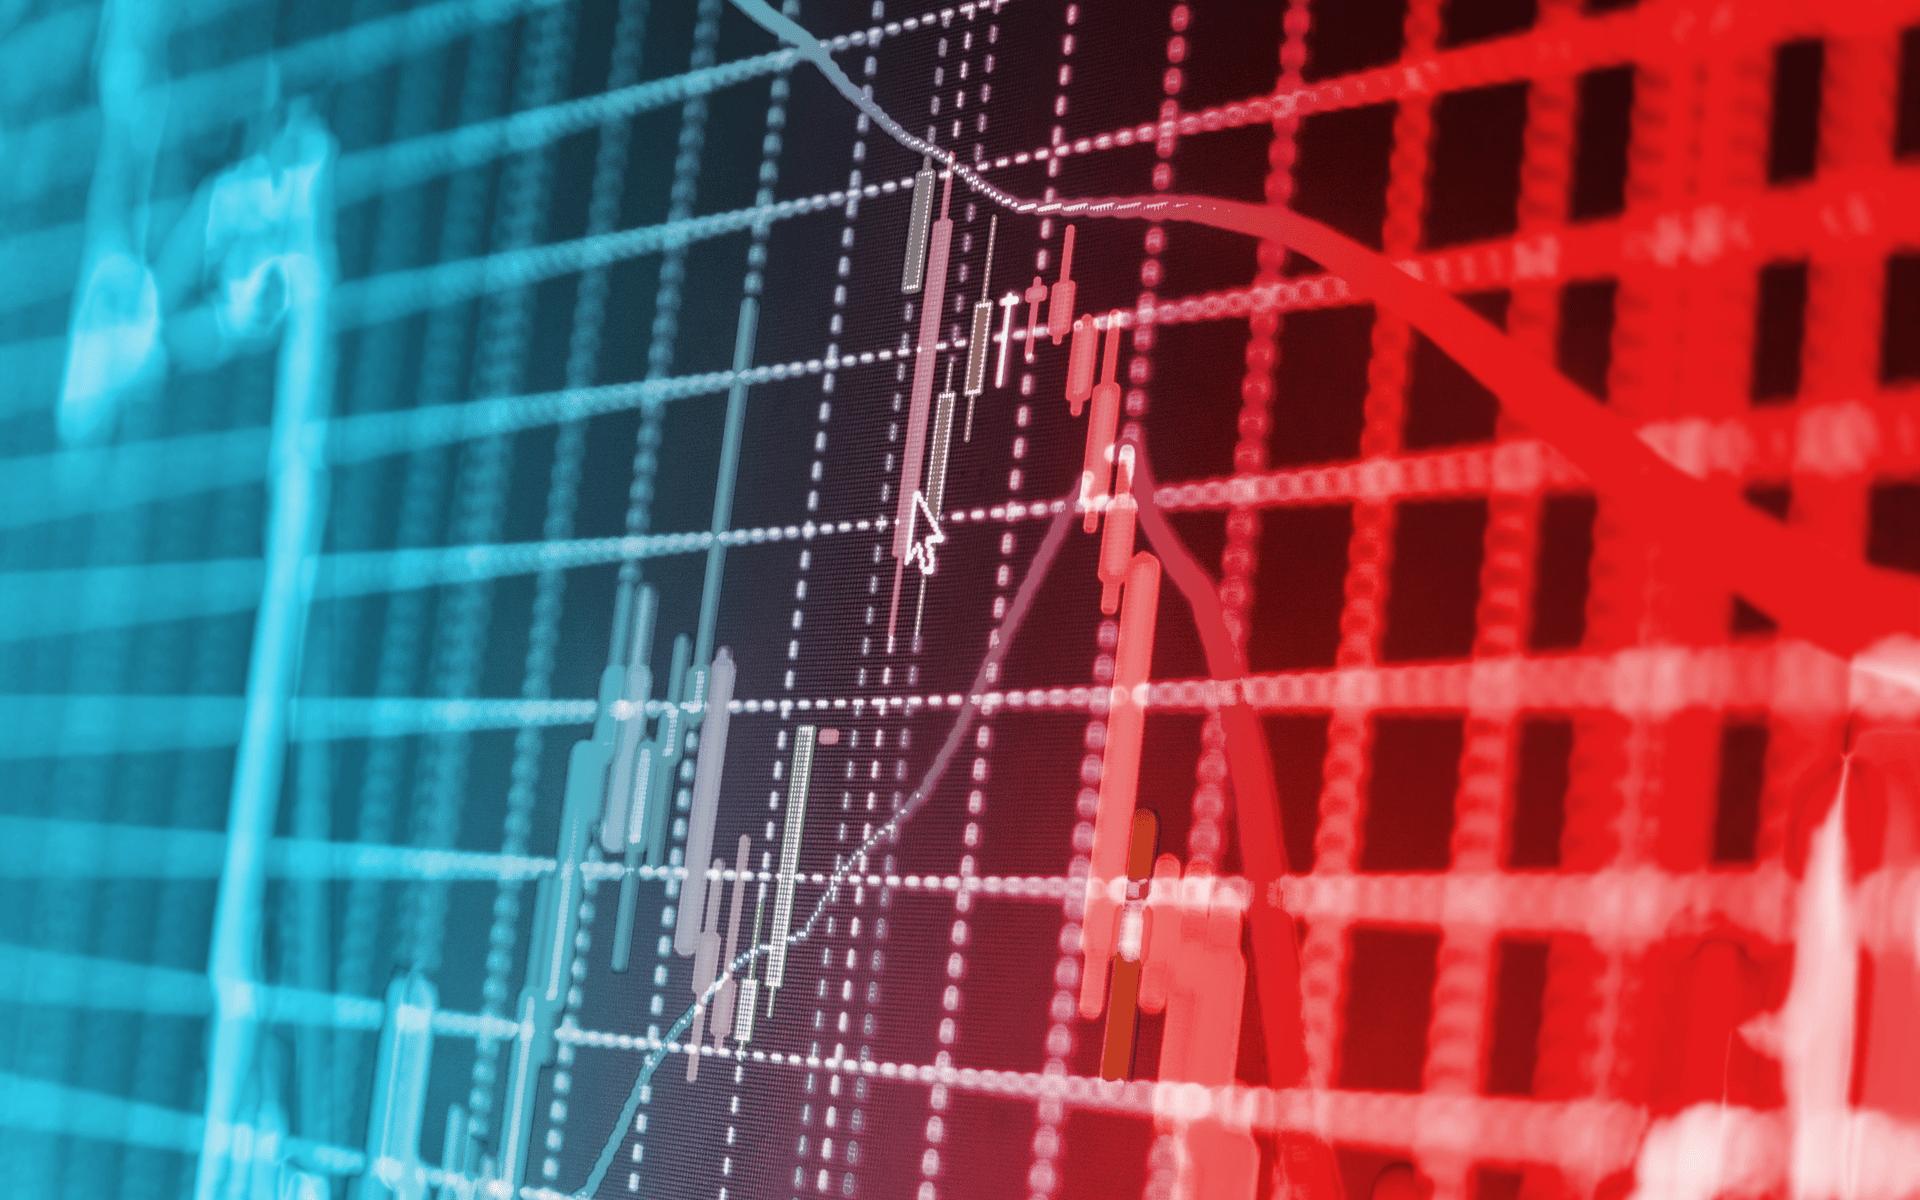 giá bitcoin: Áp sát 10.000 USD, Bitcoin giảm nhẹ để lấp một CME Gap khổng lồ